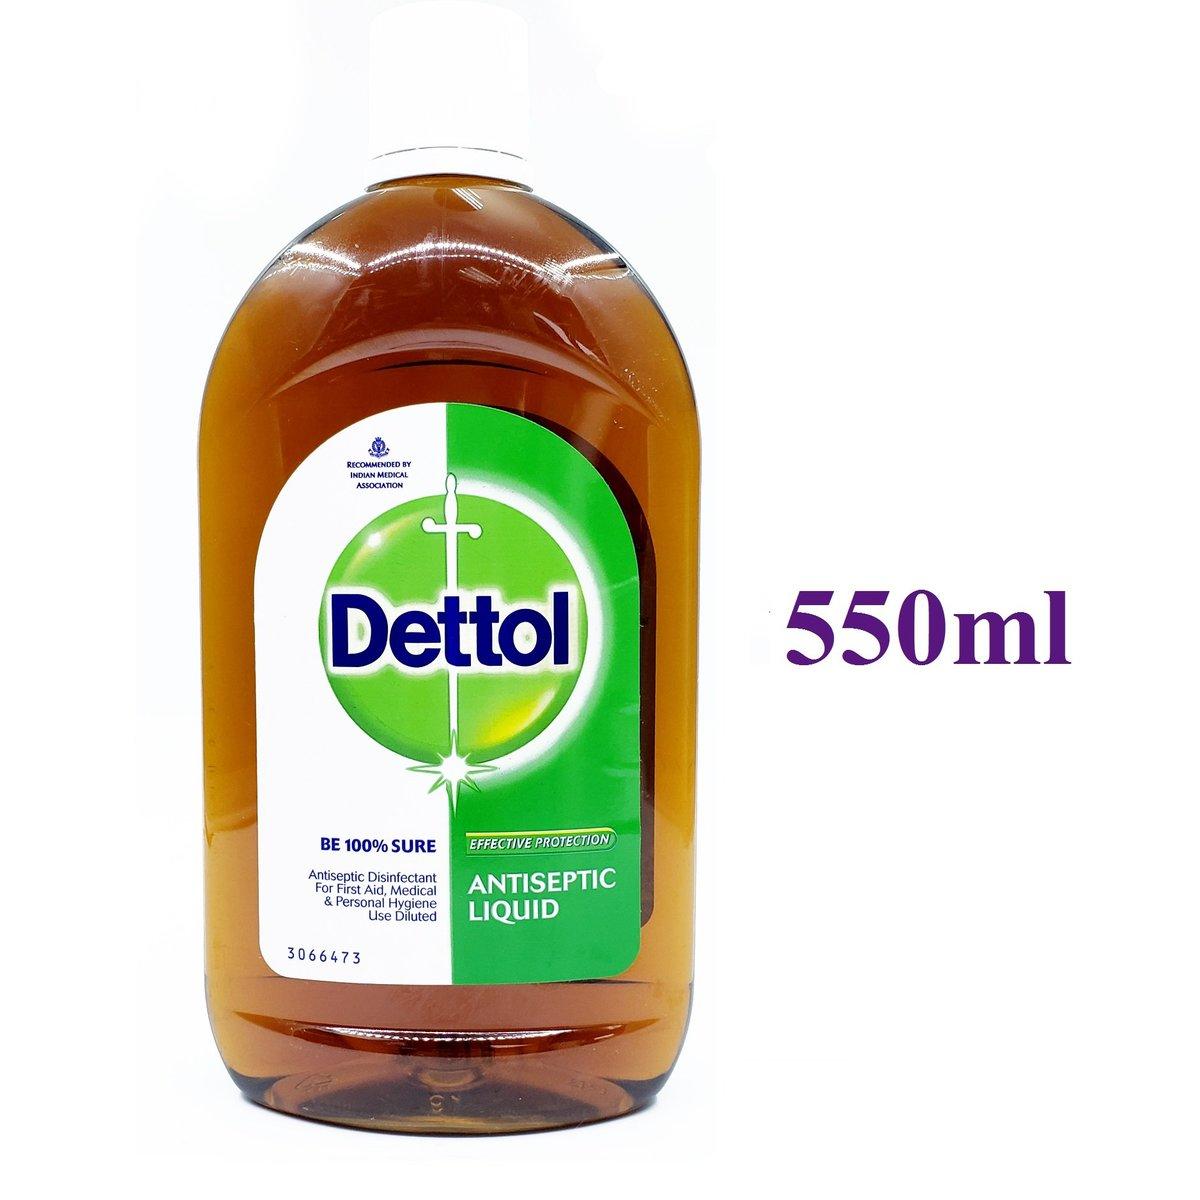 Antiseptic Liquid 550ml [Parallel Import] (8901396354604)